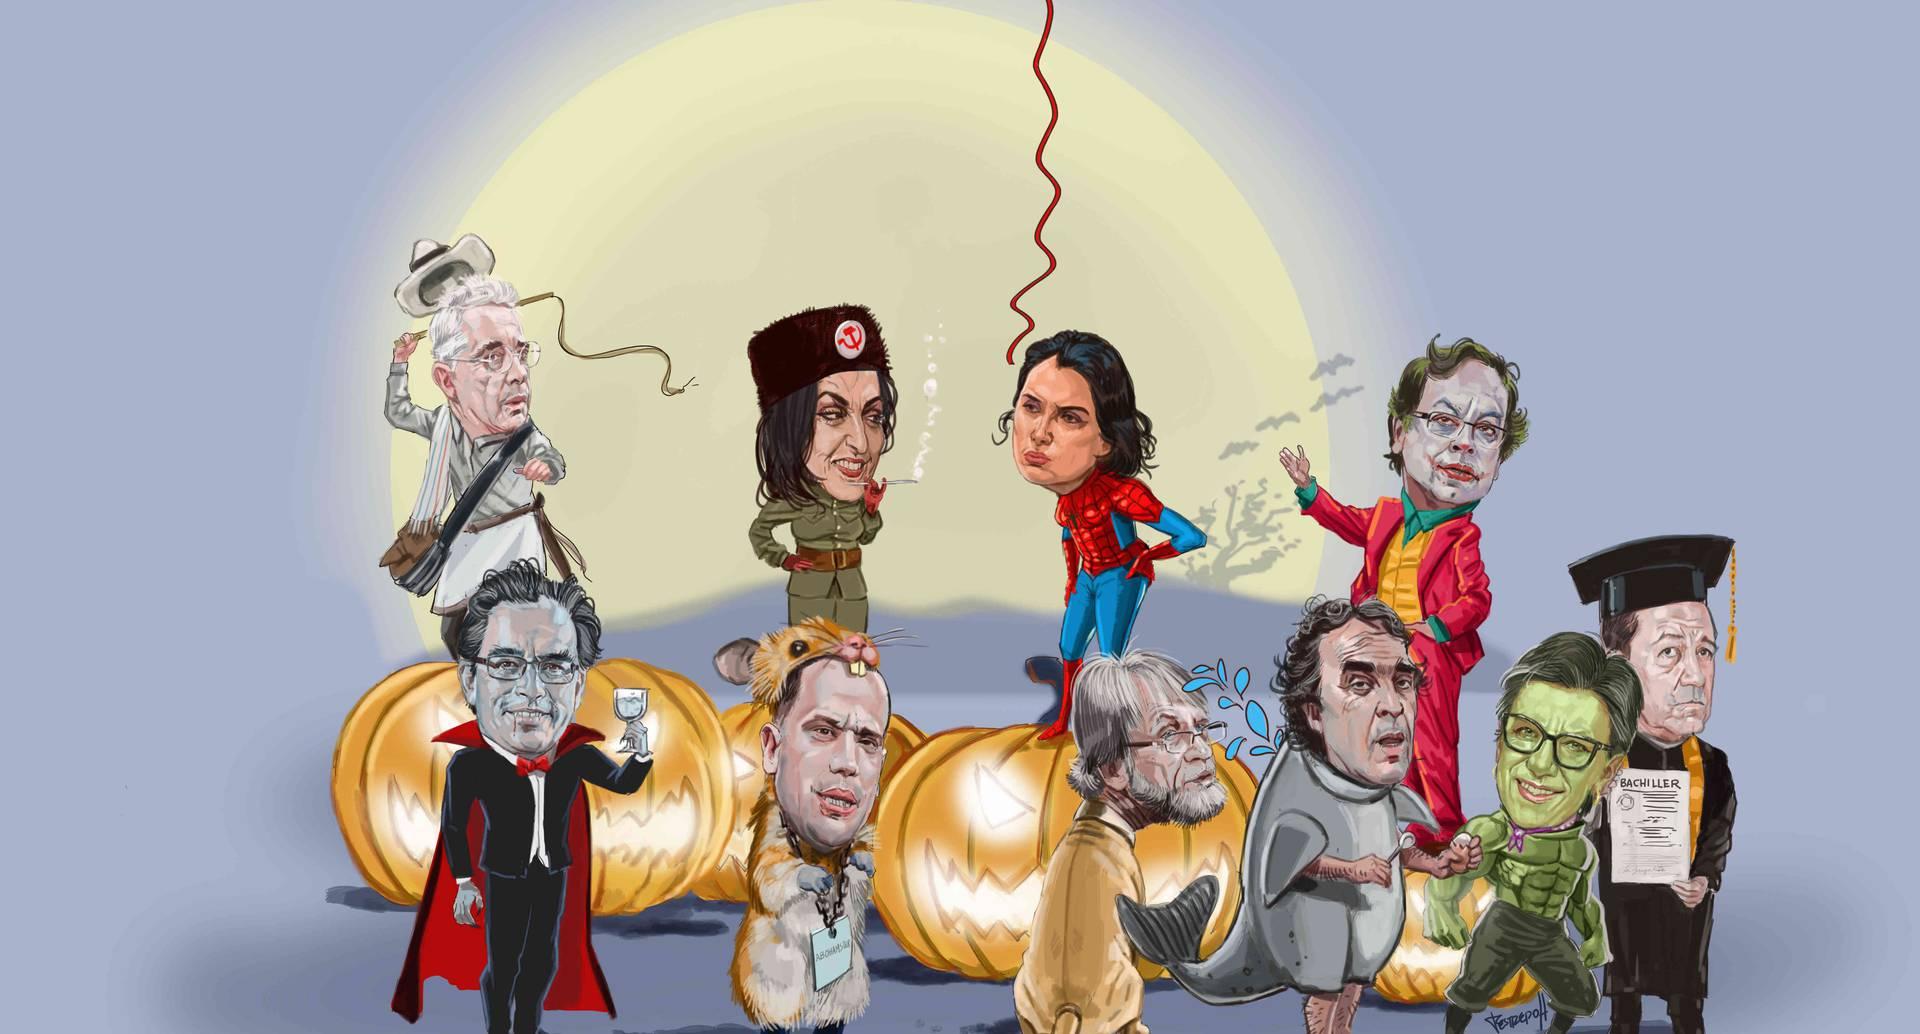 Este 31 de octubre, los políticos del país abandonan la ultratumba para salir a asustar a los colombianos. Con caricaturas de Jorge Restrepo.